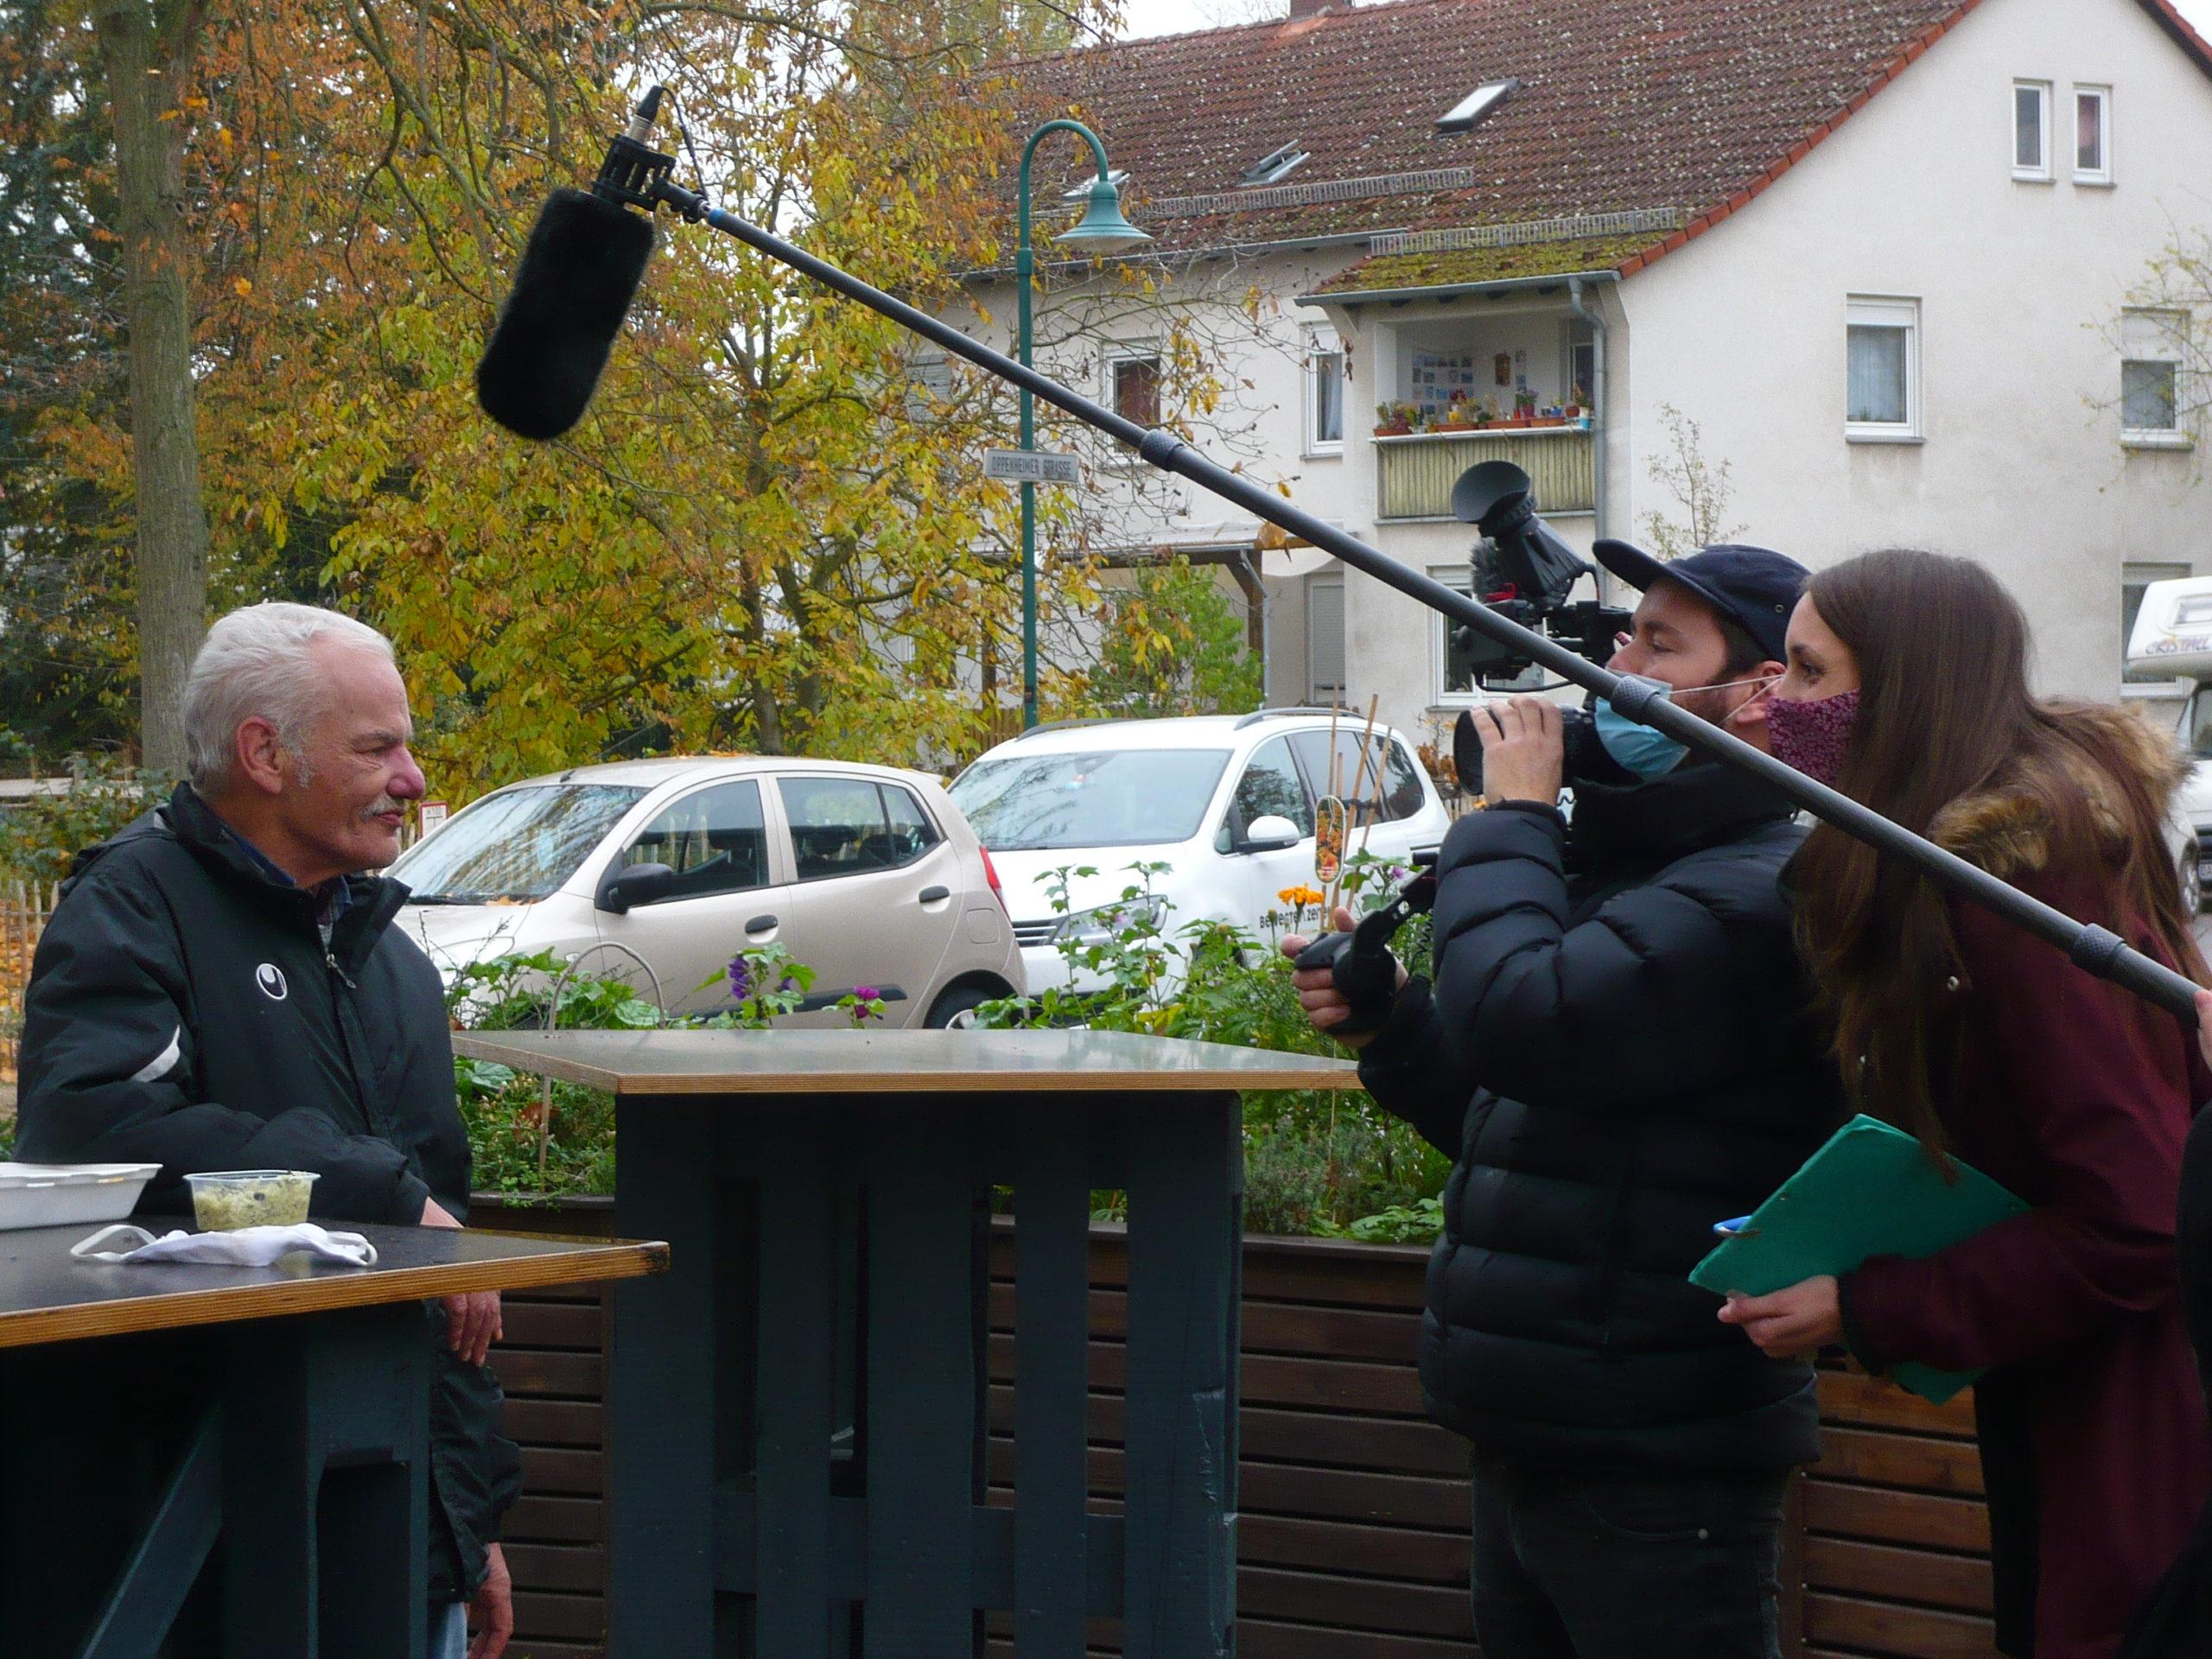 ZDF dreht Langzeit-Reportage über unsere Quartier-Arbeit in der Postsiedlung!